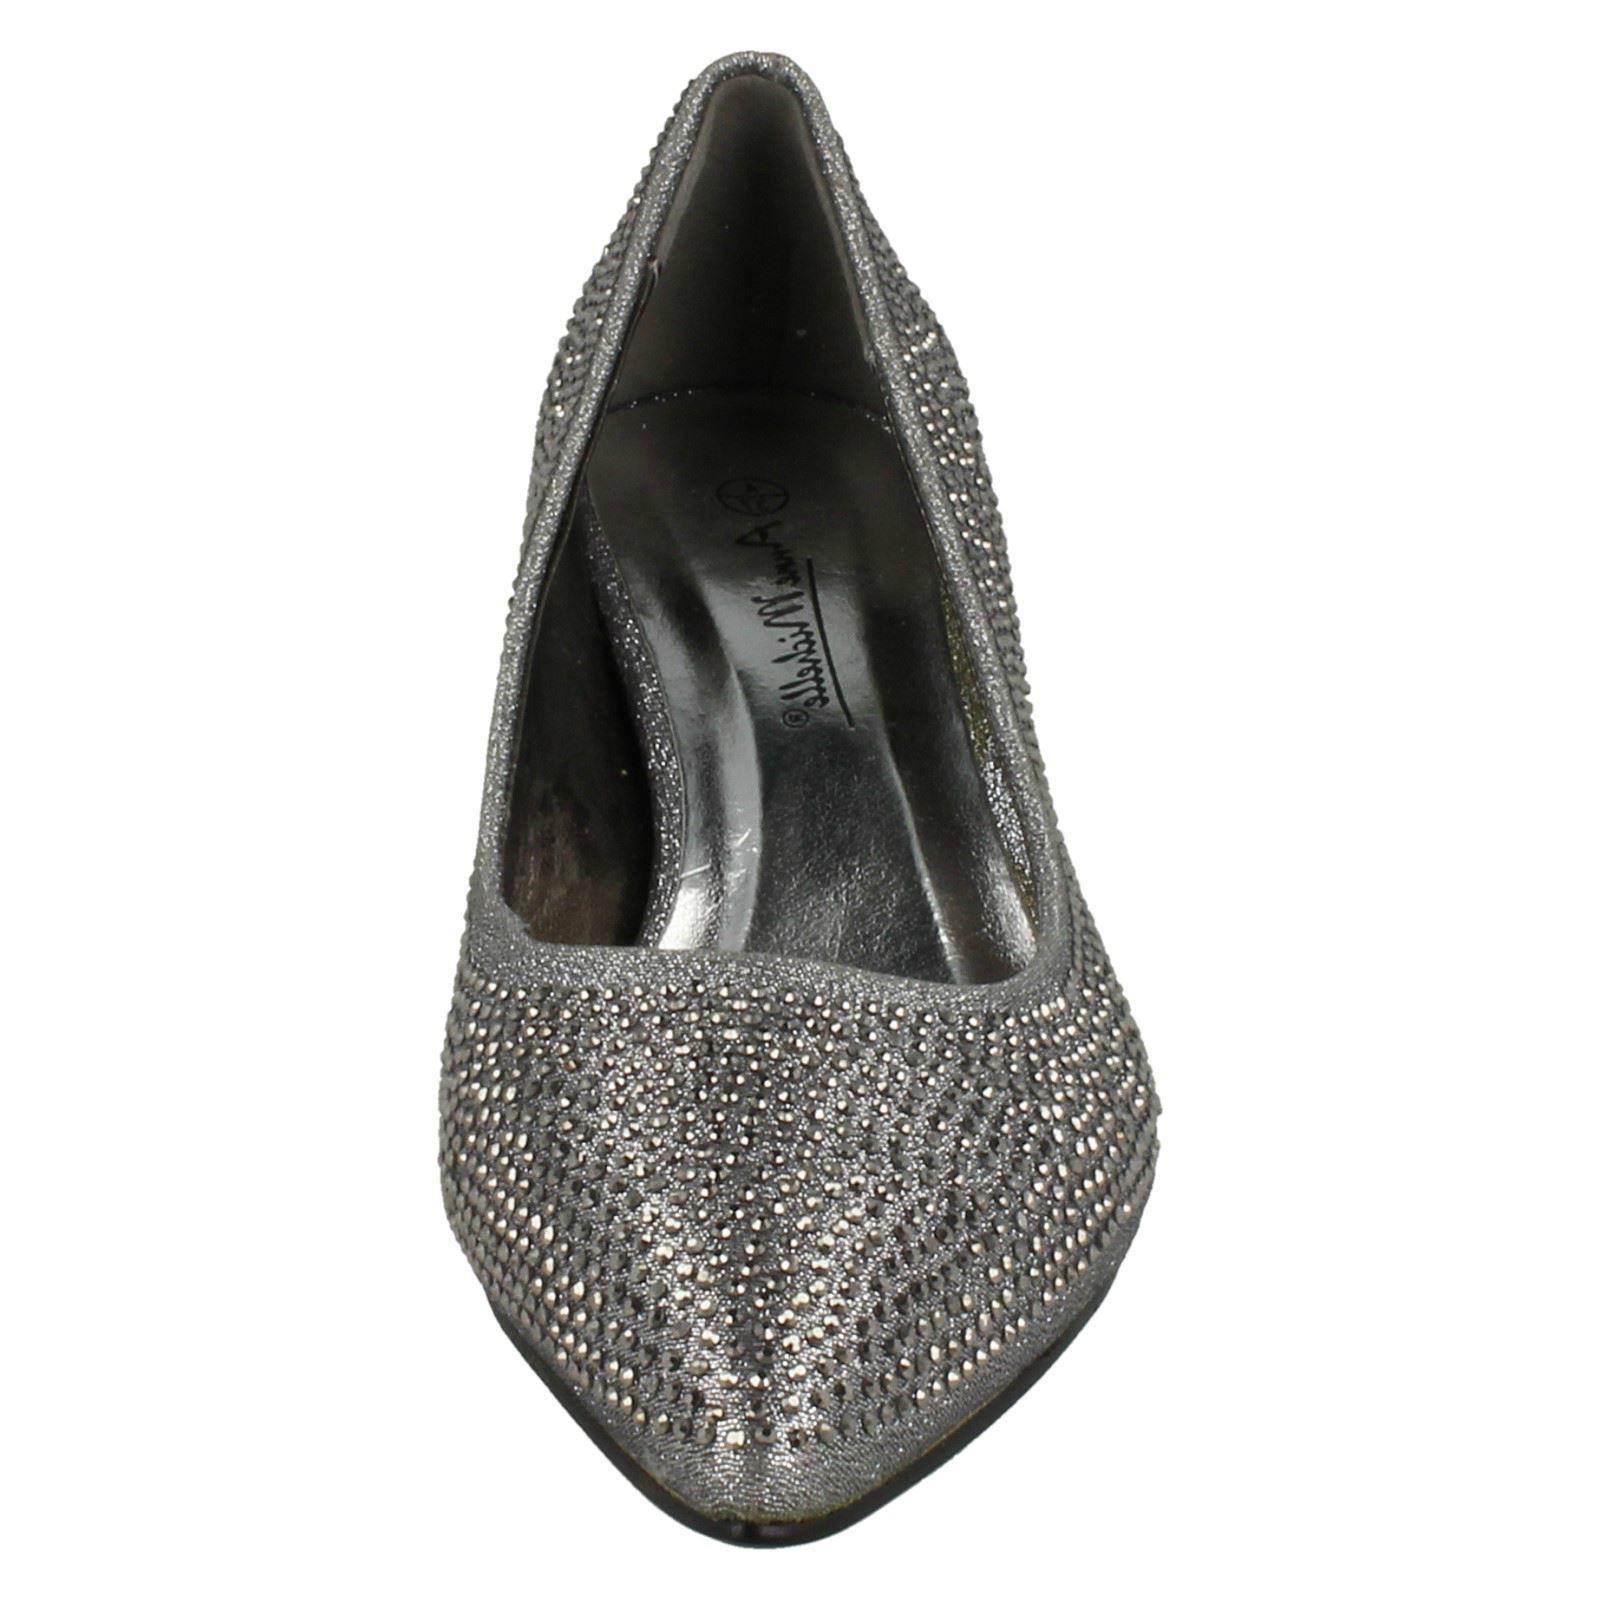 Ladies-Anne-Michelle-Diamante-Low-Heel-Court-Shoes thumbnail 22